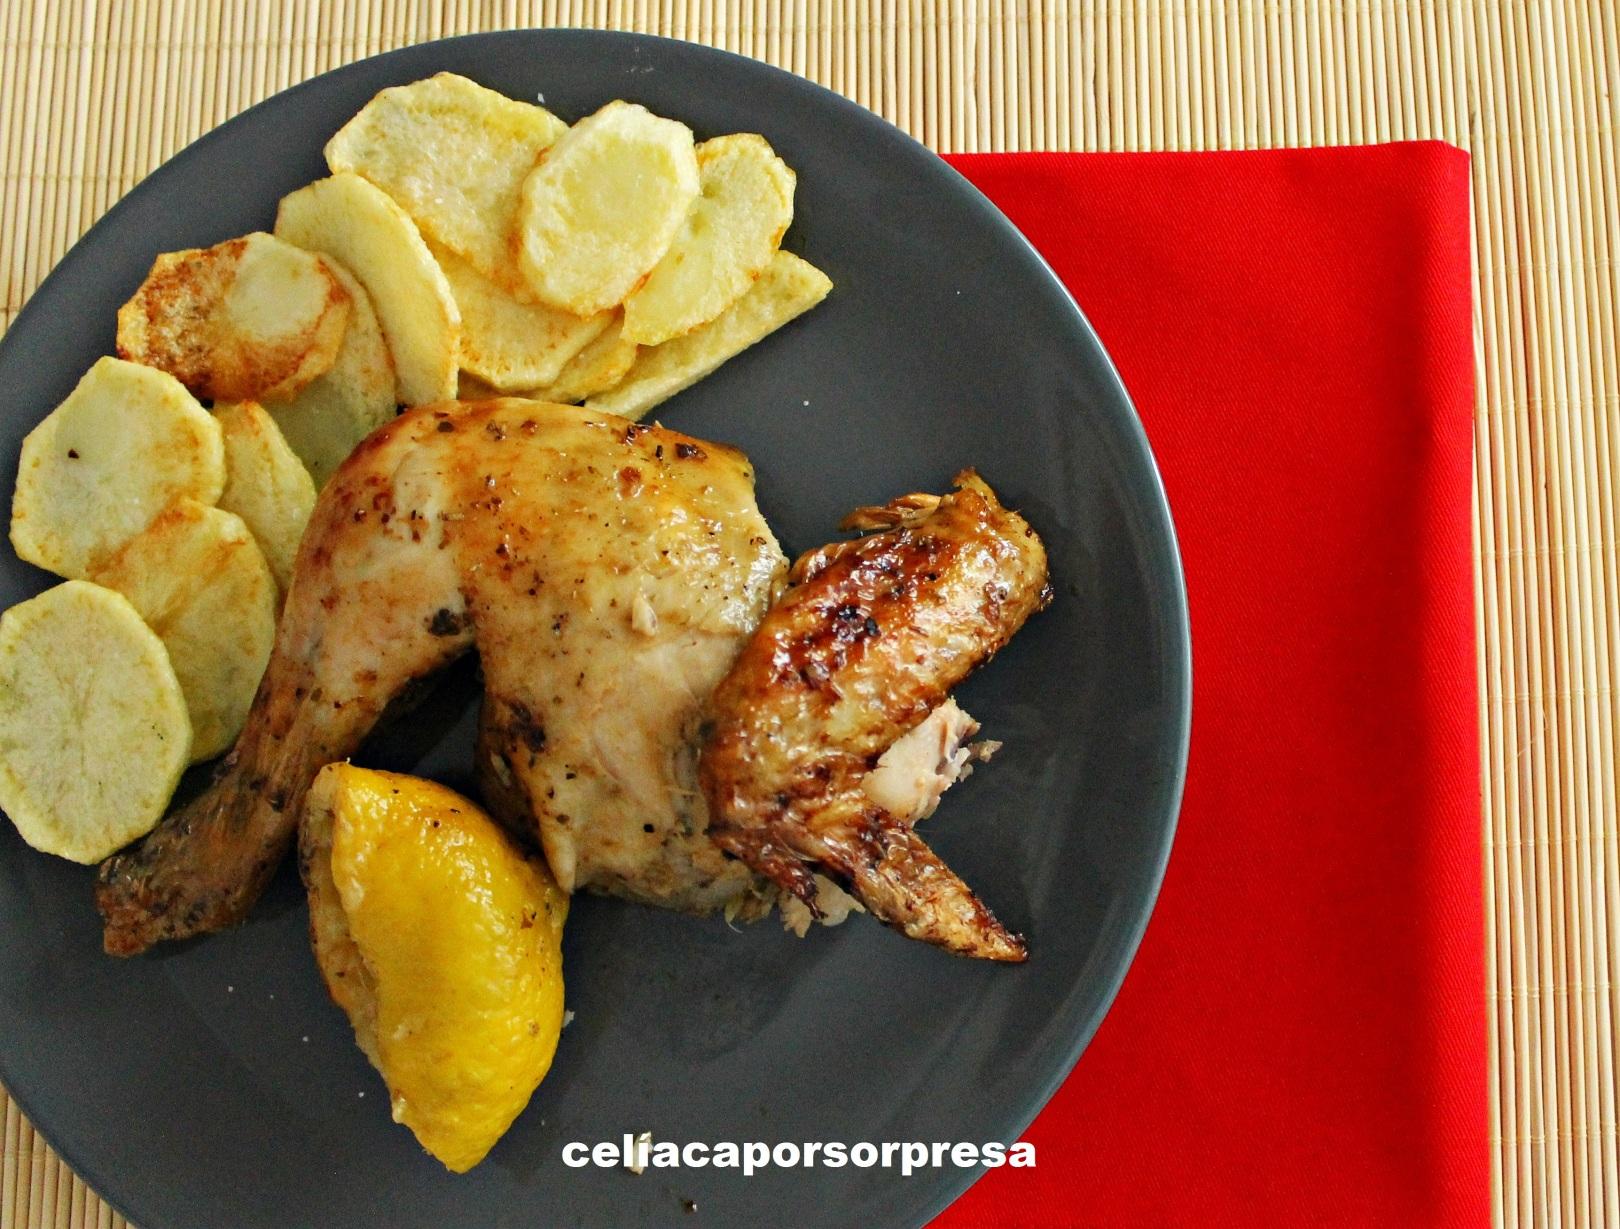 pollo-al-horno-racion